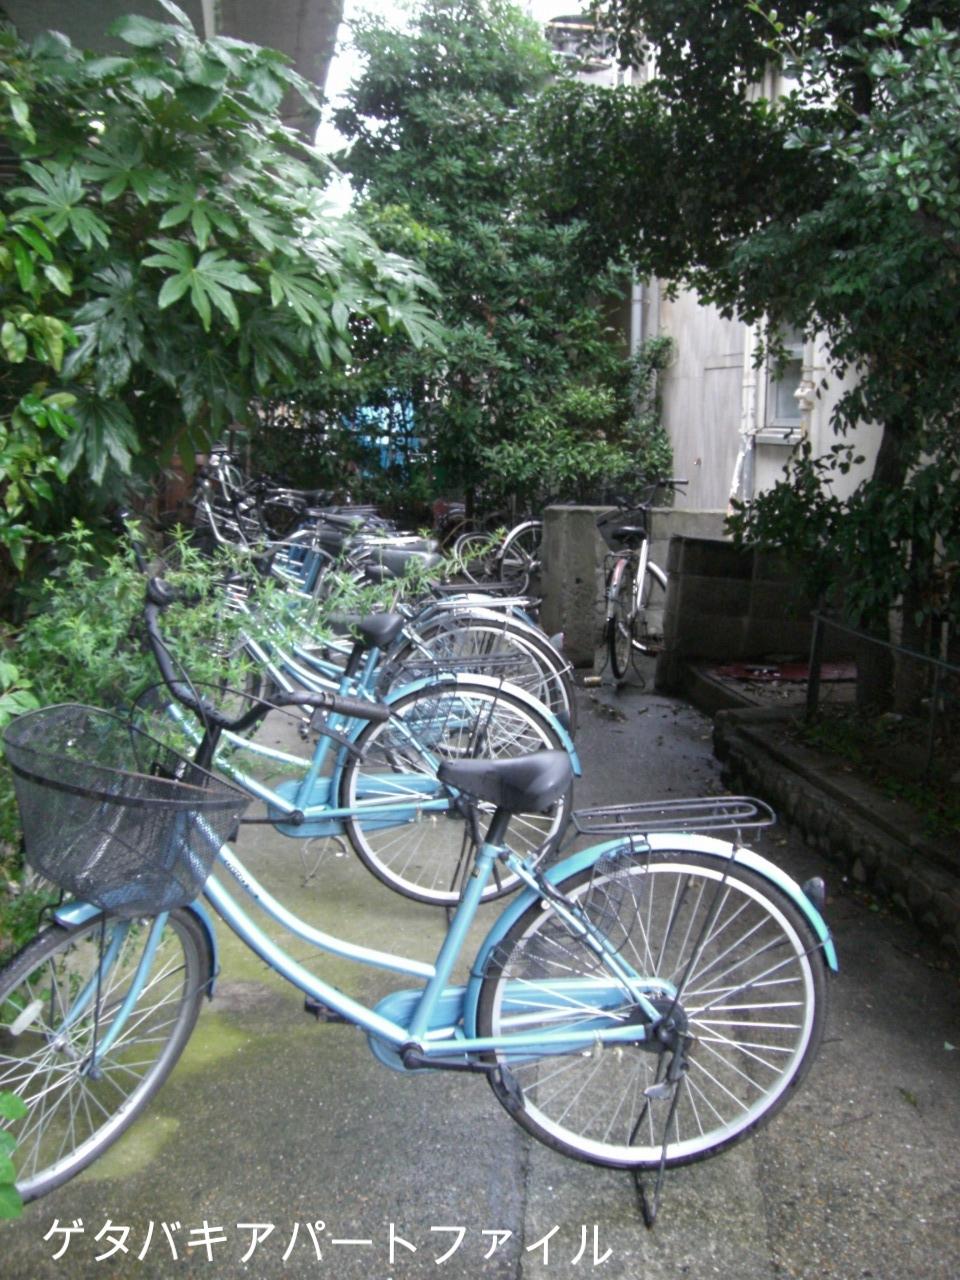 同じ色の自転車がいっぱい。市場仕様なのかな?